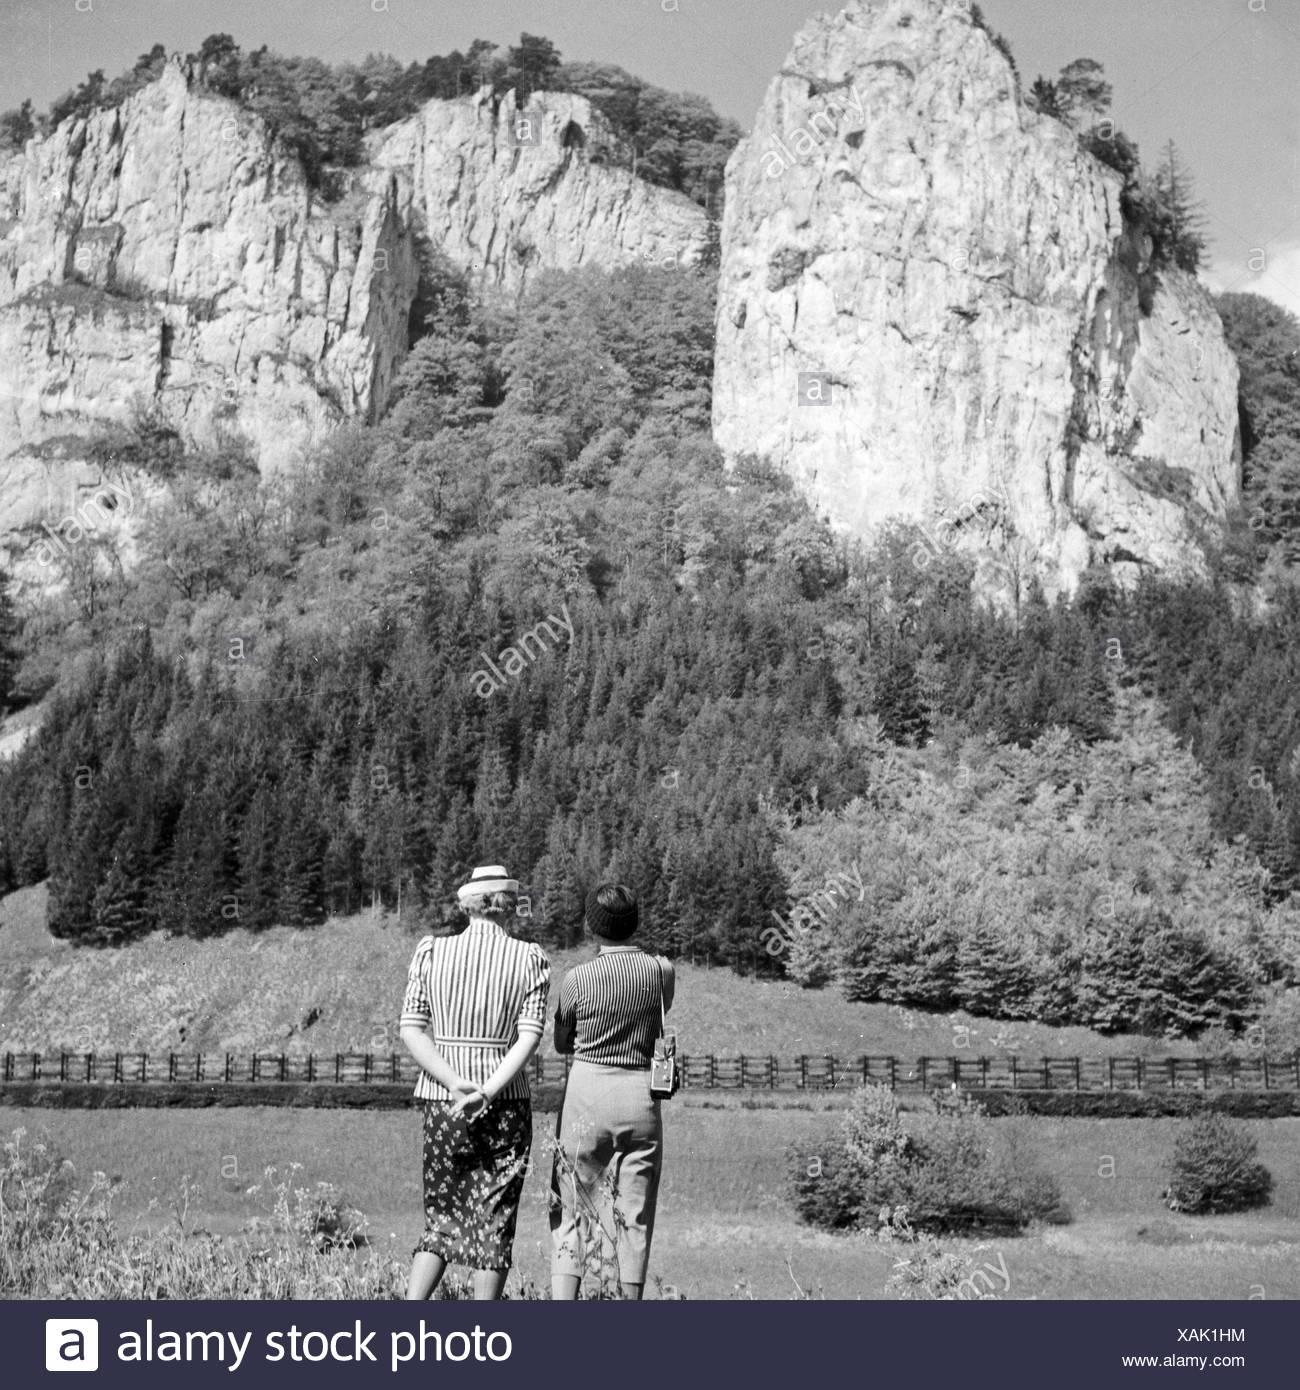 Bei Beuron eine der Oberen Donau, 1930er Jahre Deutschland. In der Nähe von Beuron auf der oberen Donau, Deutschland der 1930er Jahre. Stockbild